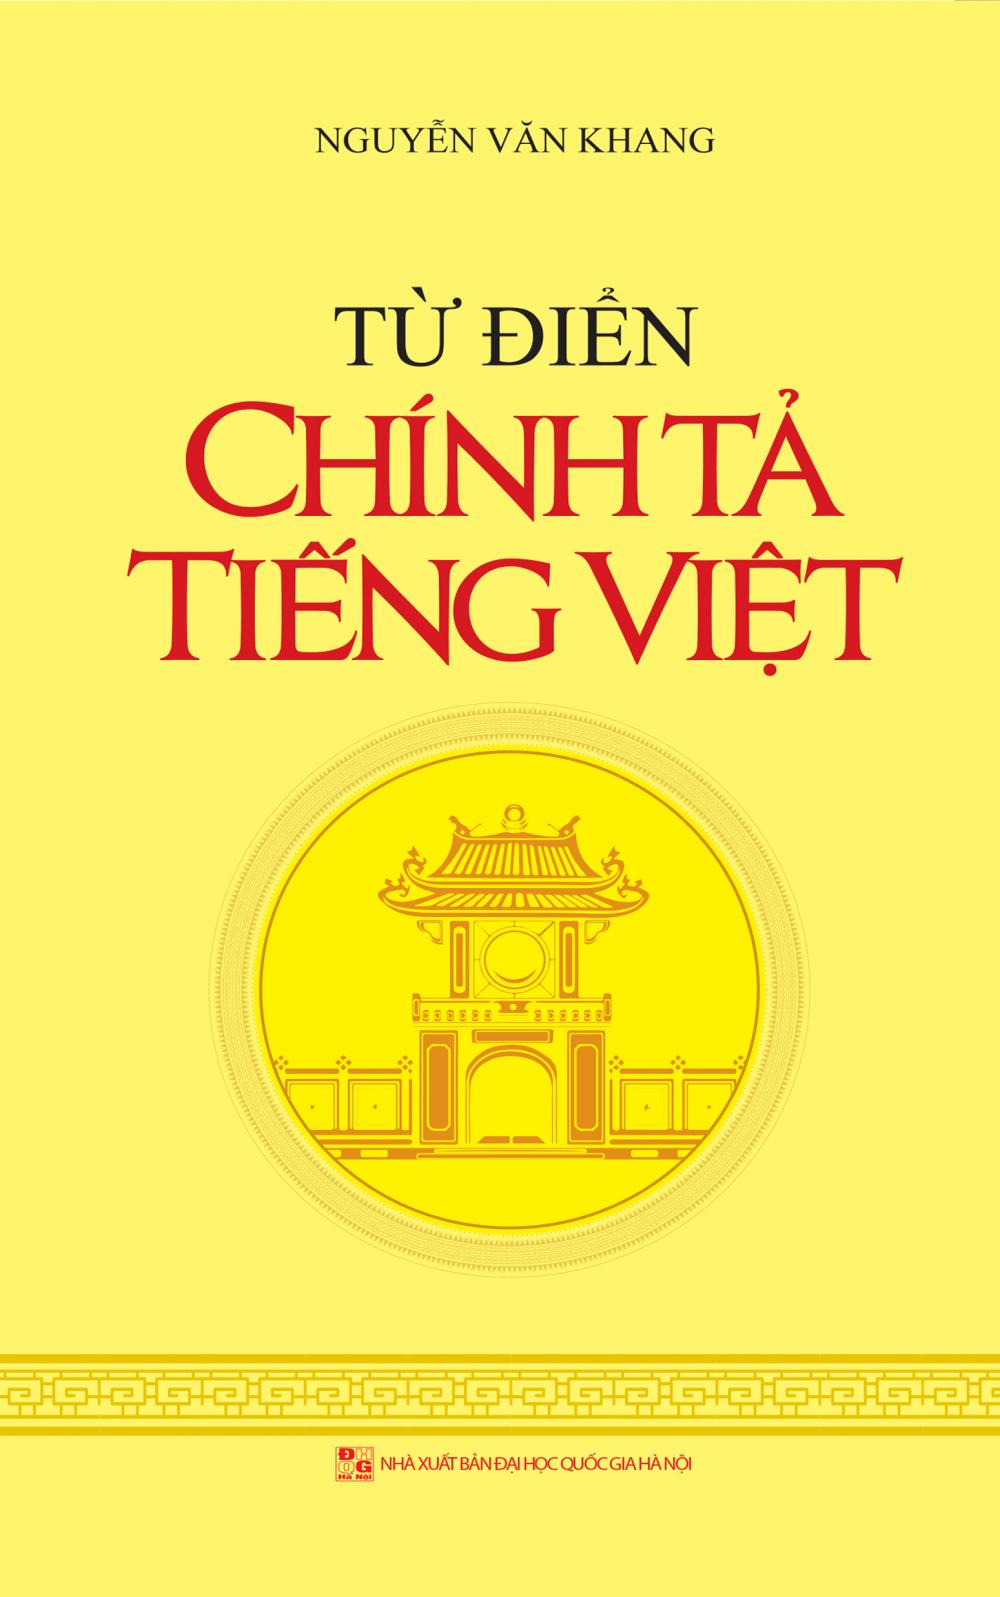 Cuốn từ điển của GS.TS Nguyễn Văn Khang bị dừng phát hành Cuốn từ điển của GS.TS Nguyễn Văn Khang bị dừng phát hành